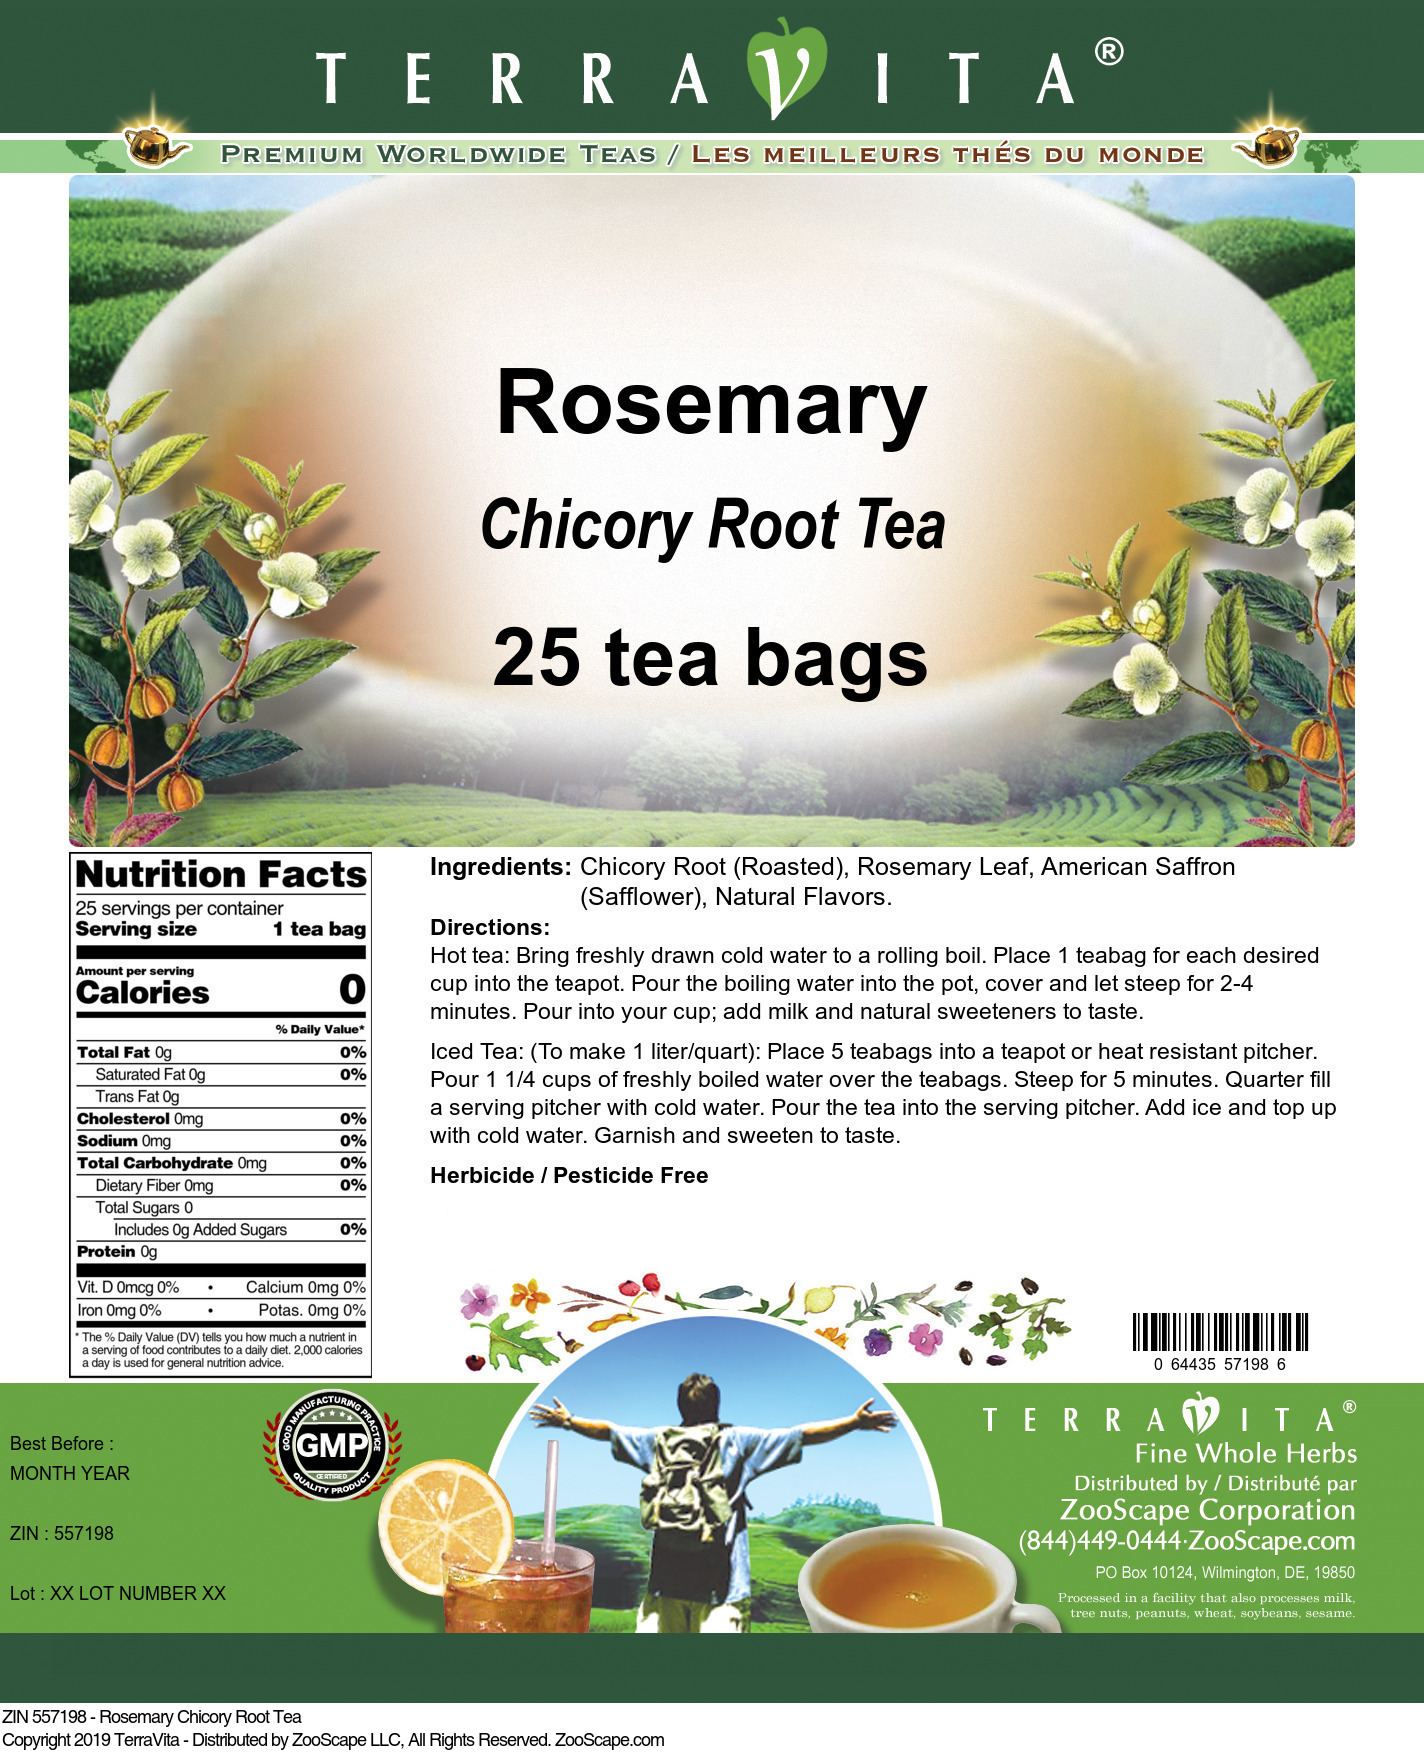 Rosemary Chicory Root Tea